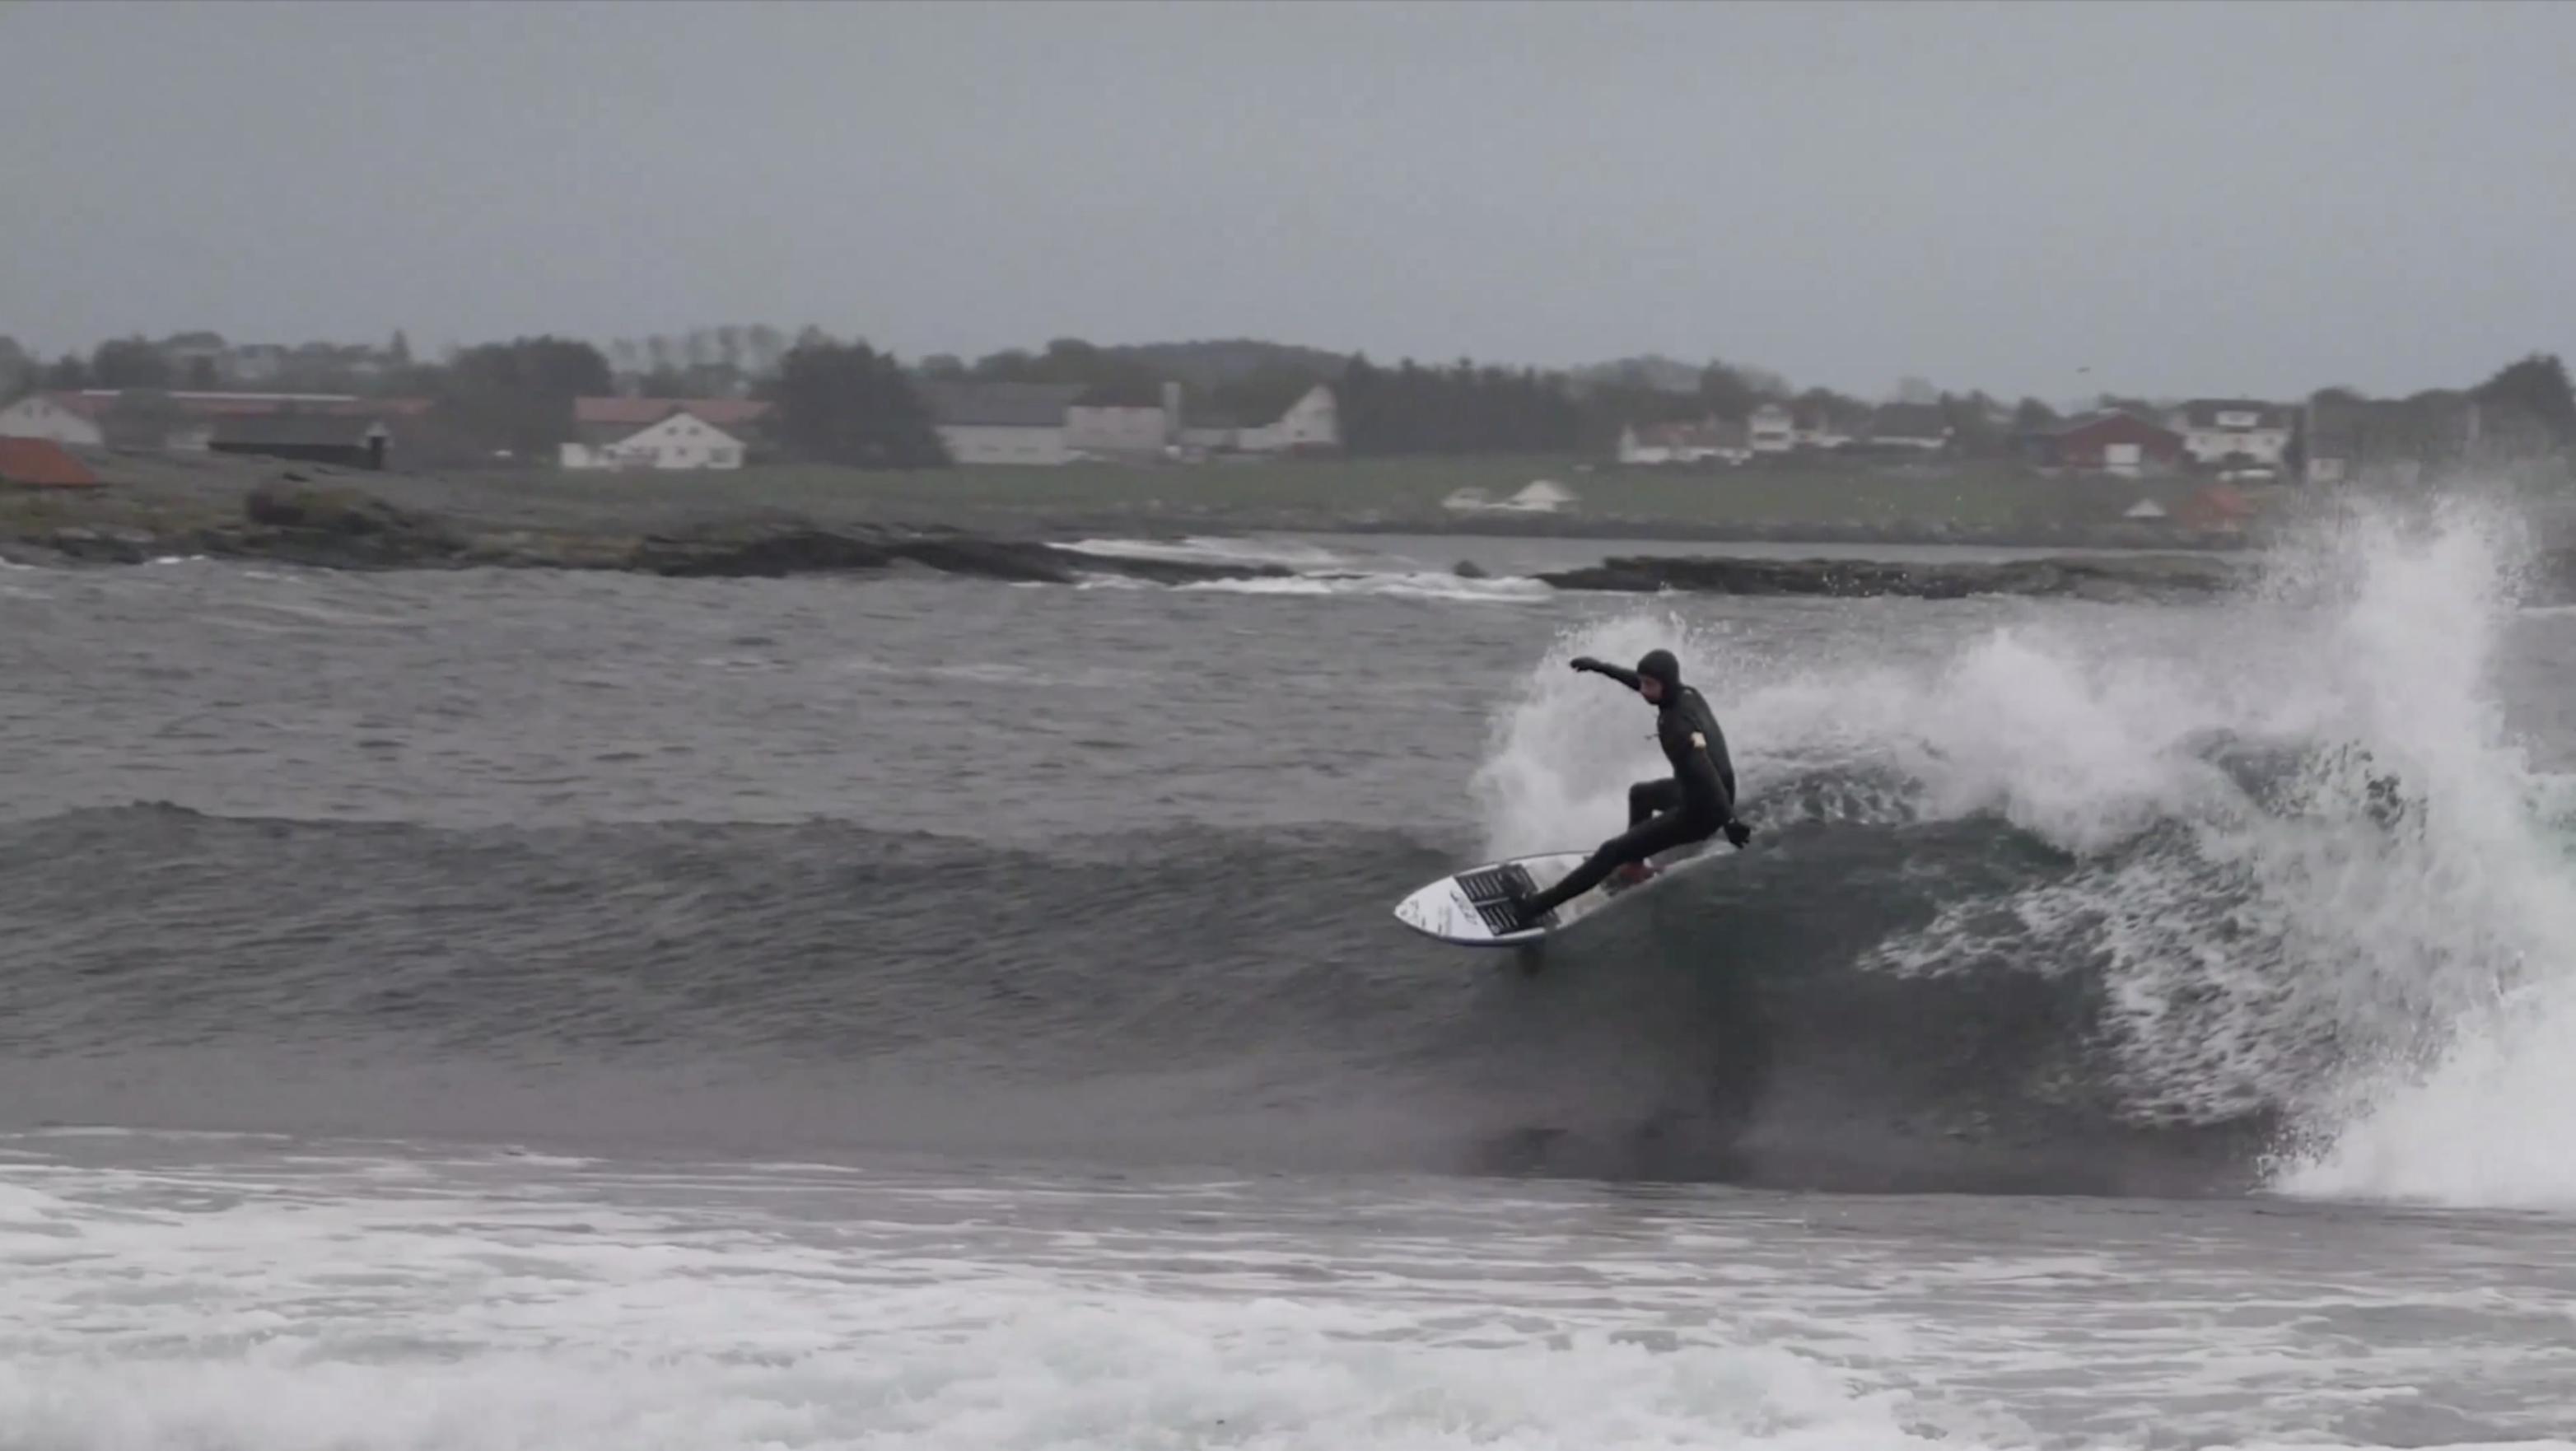 Disse ble vinnerne av den digitale surfekonkurransen